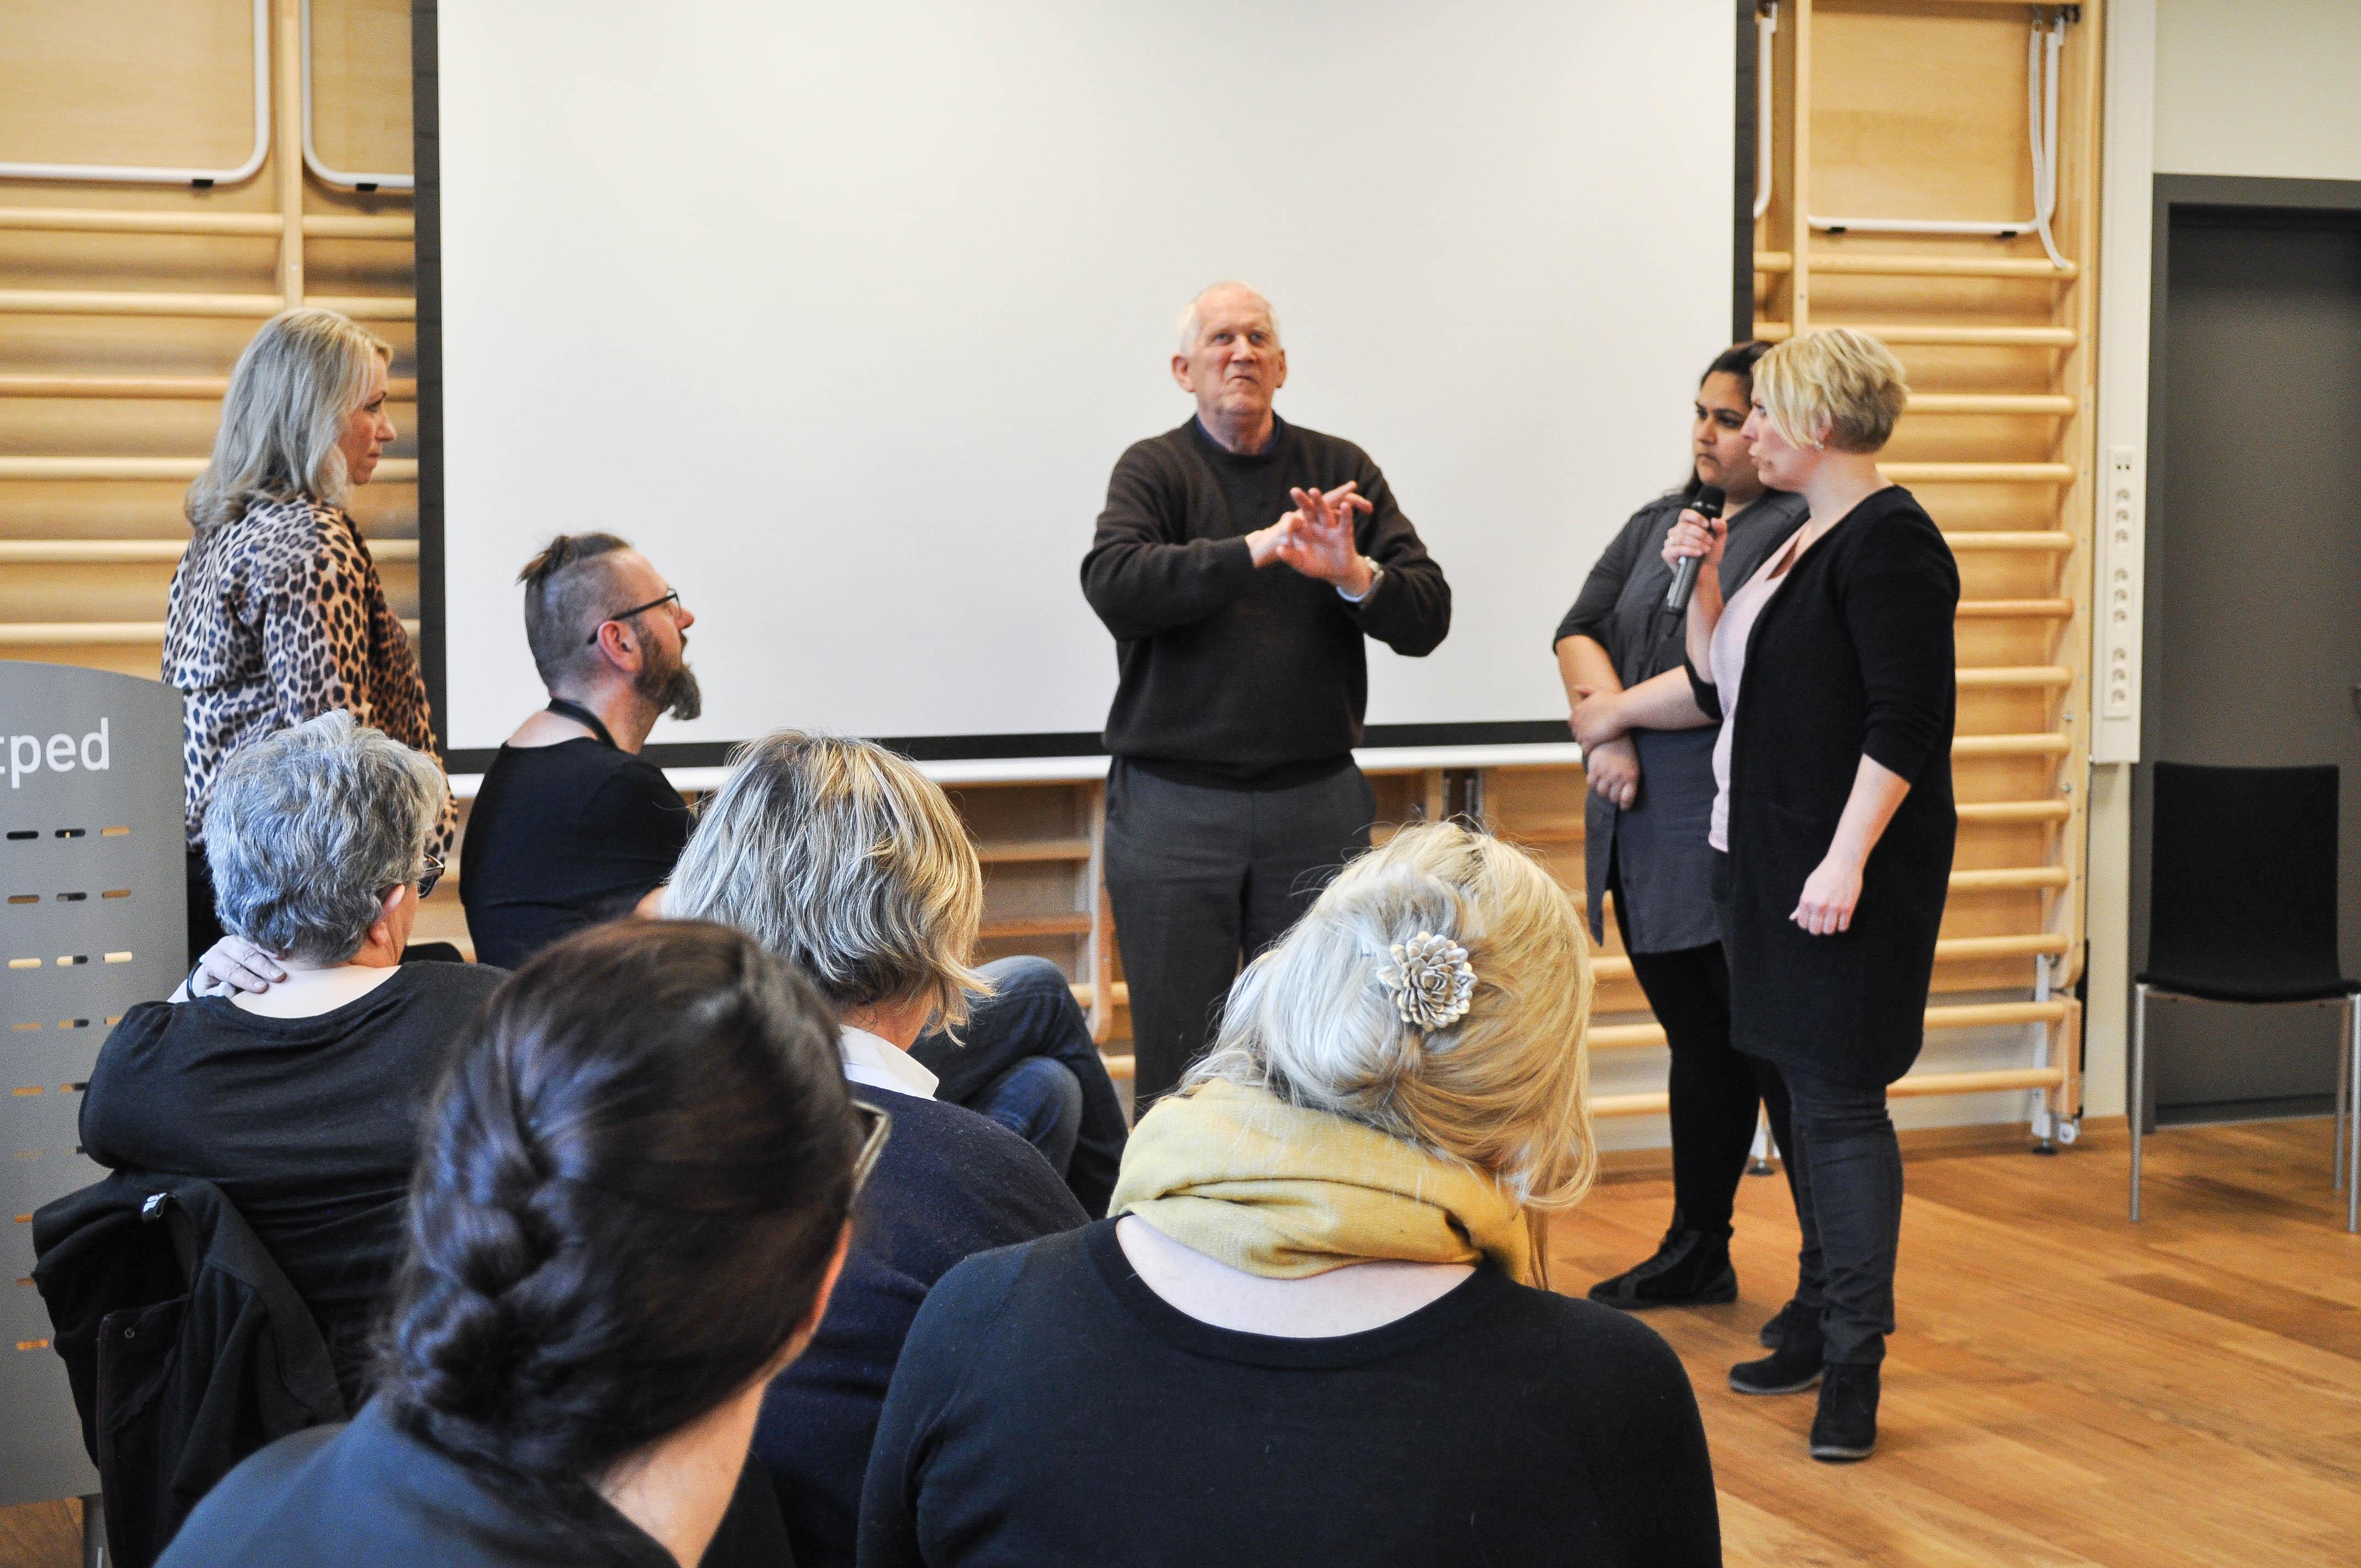 En eldre bruker forklarer på tegnspråk om sin overgang til å bli taktil tegnspråkbruker. Ved hans høyre side to tolker, til venstre seks lyttere.